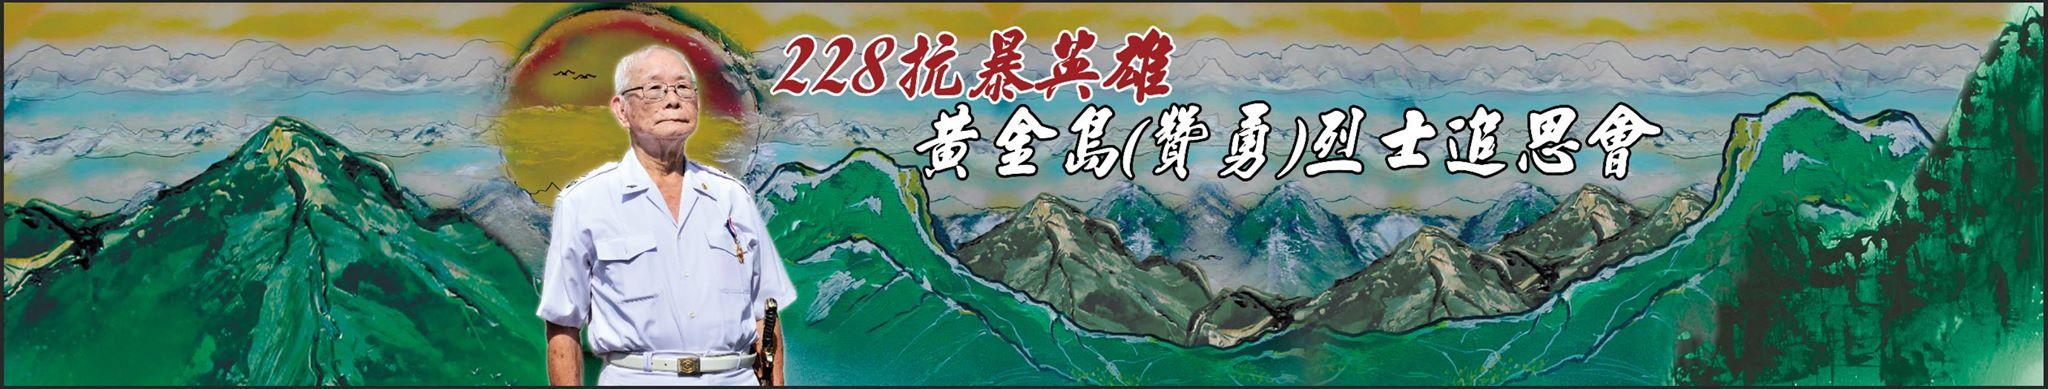 台灣聖山立228抗暴英雄黃金島烈士紀念碑